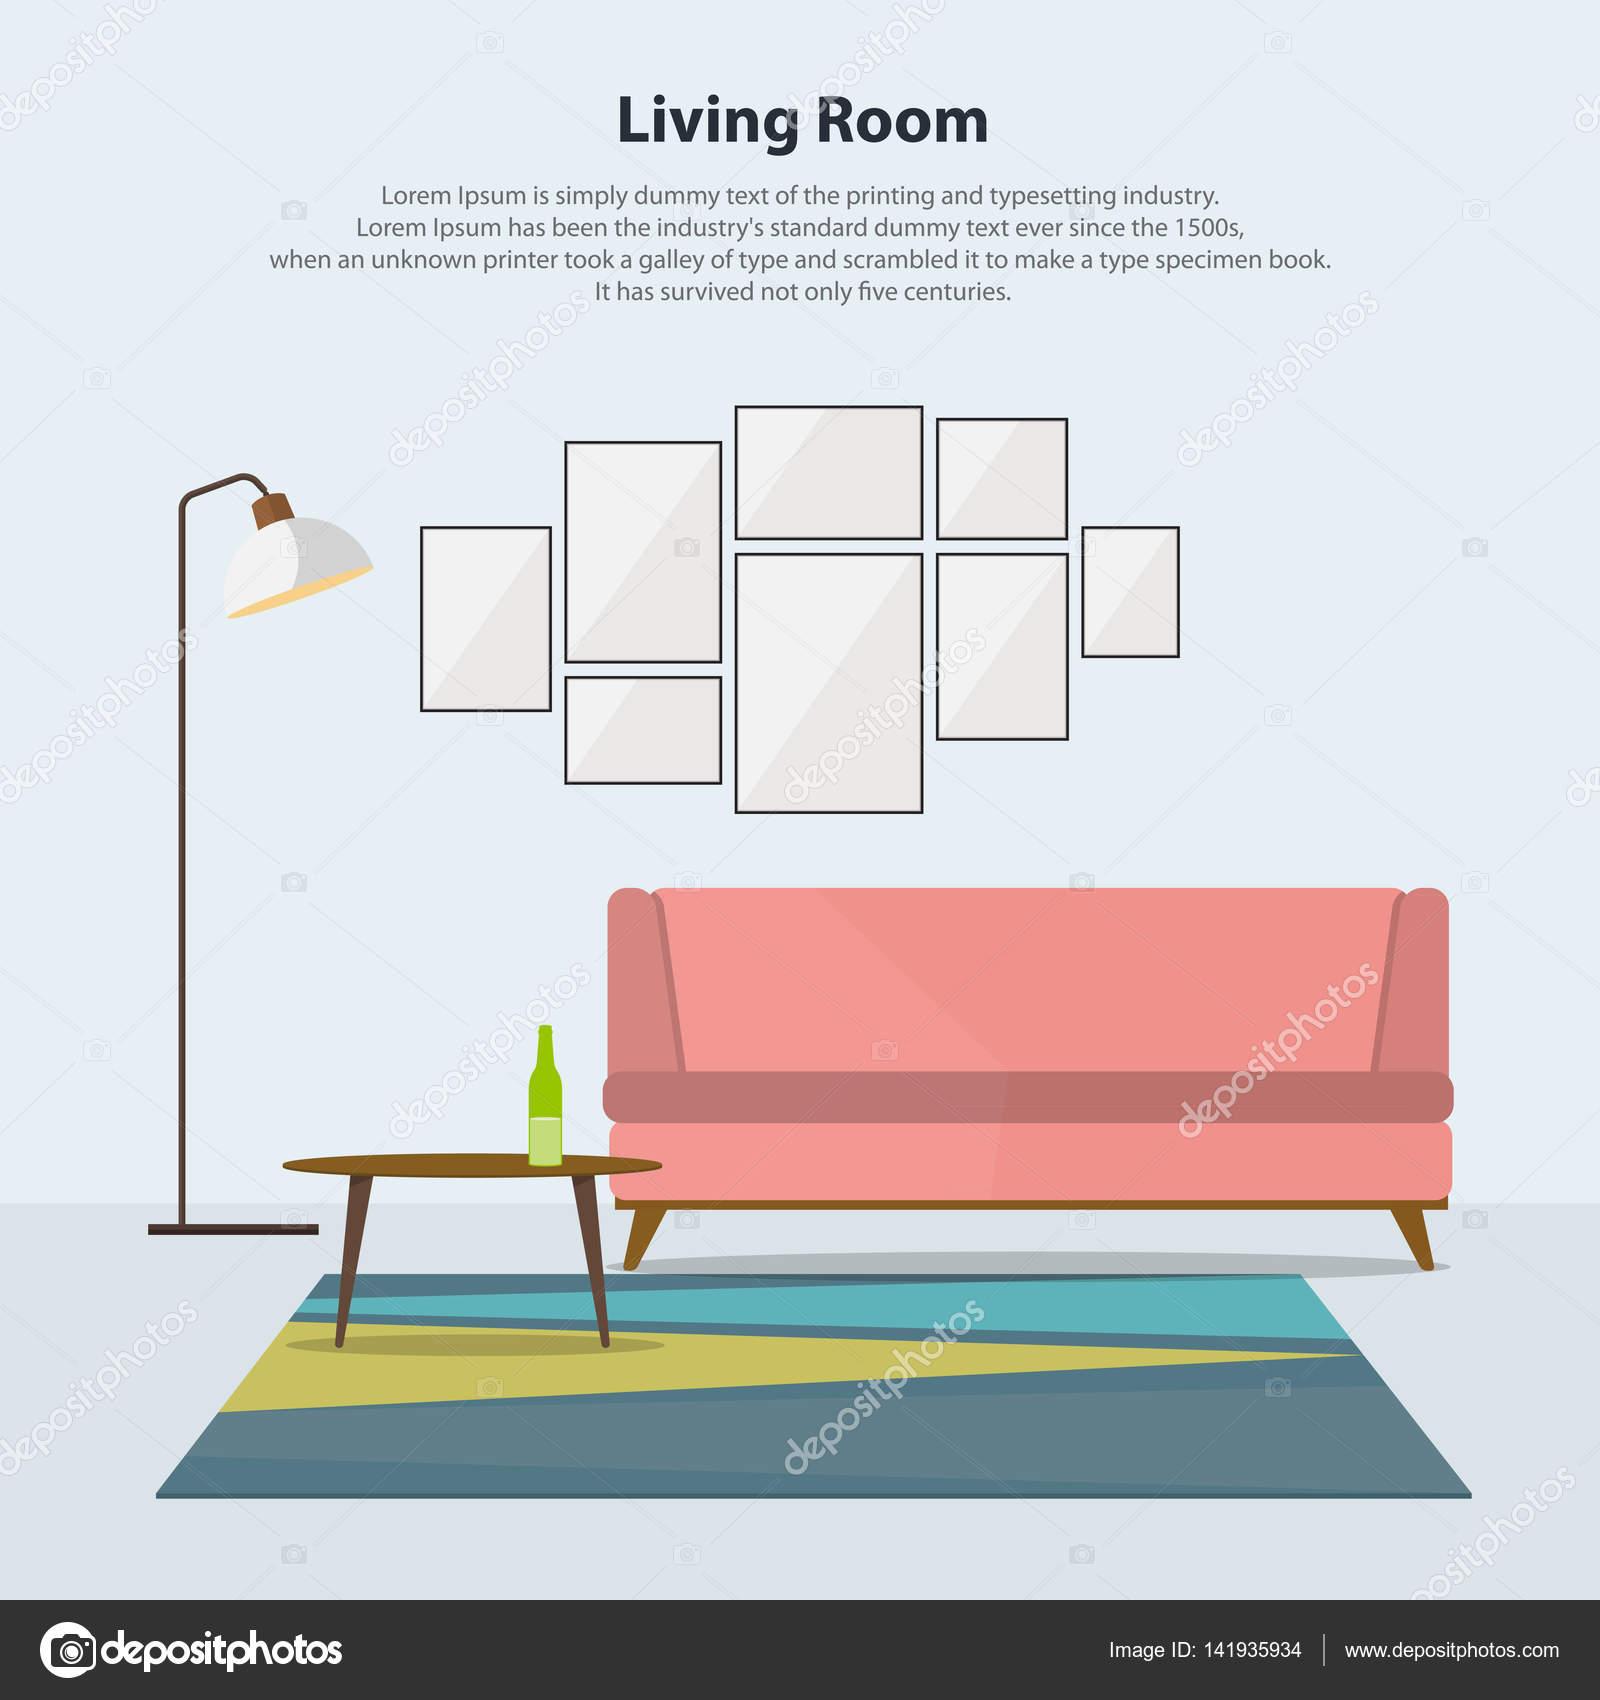 Bezaubernd Moderne Tischlampen Ideen Von Wohnzimmer Interieur Mit Rosa Sofa, Tisch, Lampen